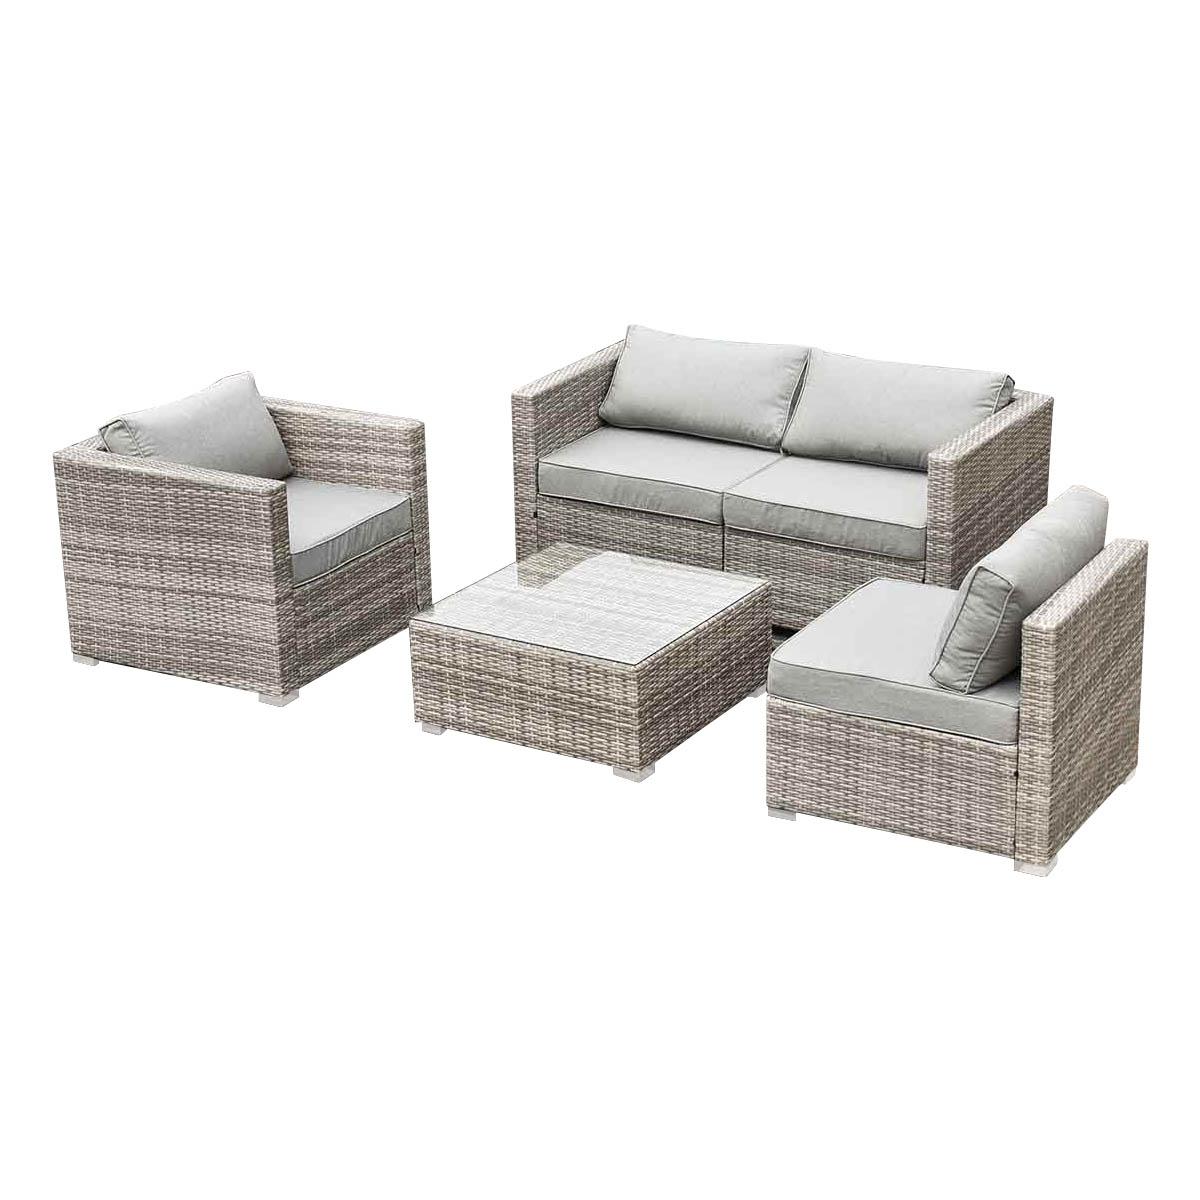 5PC-Outdoor-Sofa-Coffee-Table-Set-Modular-Lounge-Wicker-Rattan-Setting-Furniture